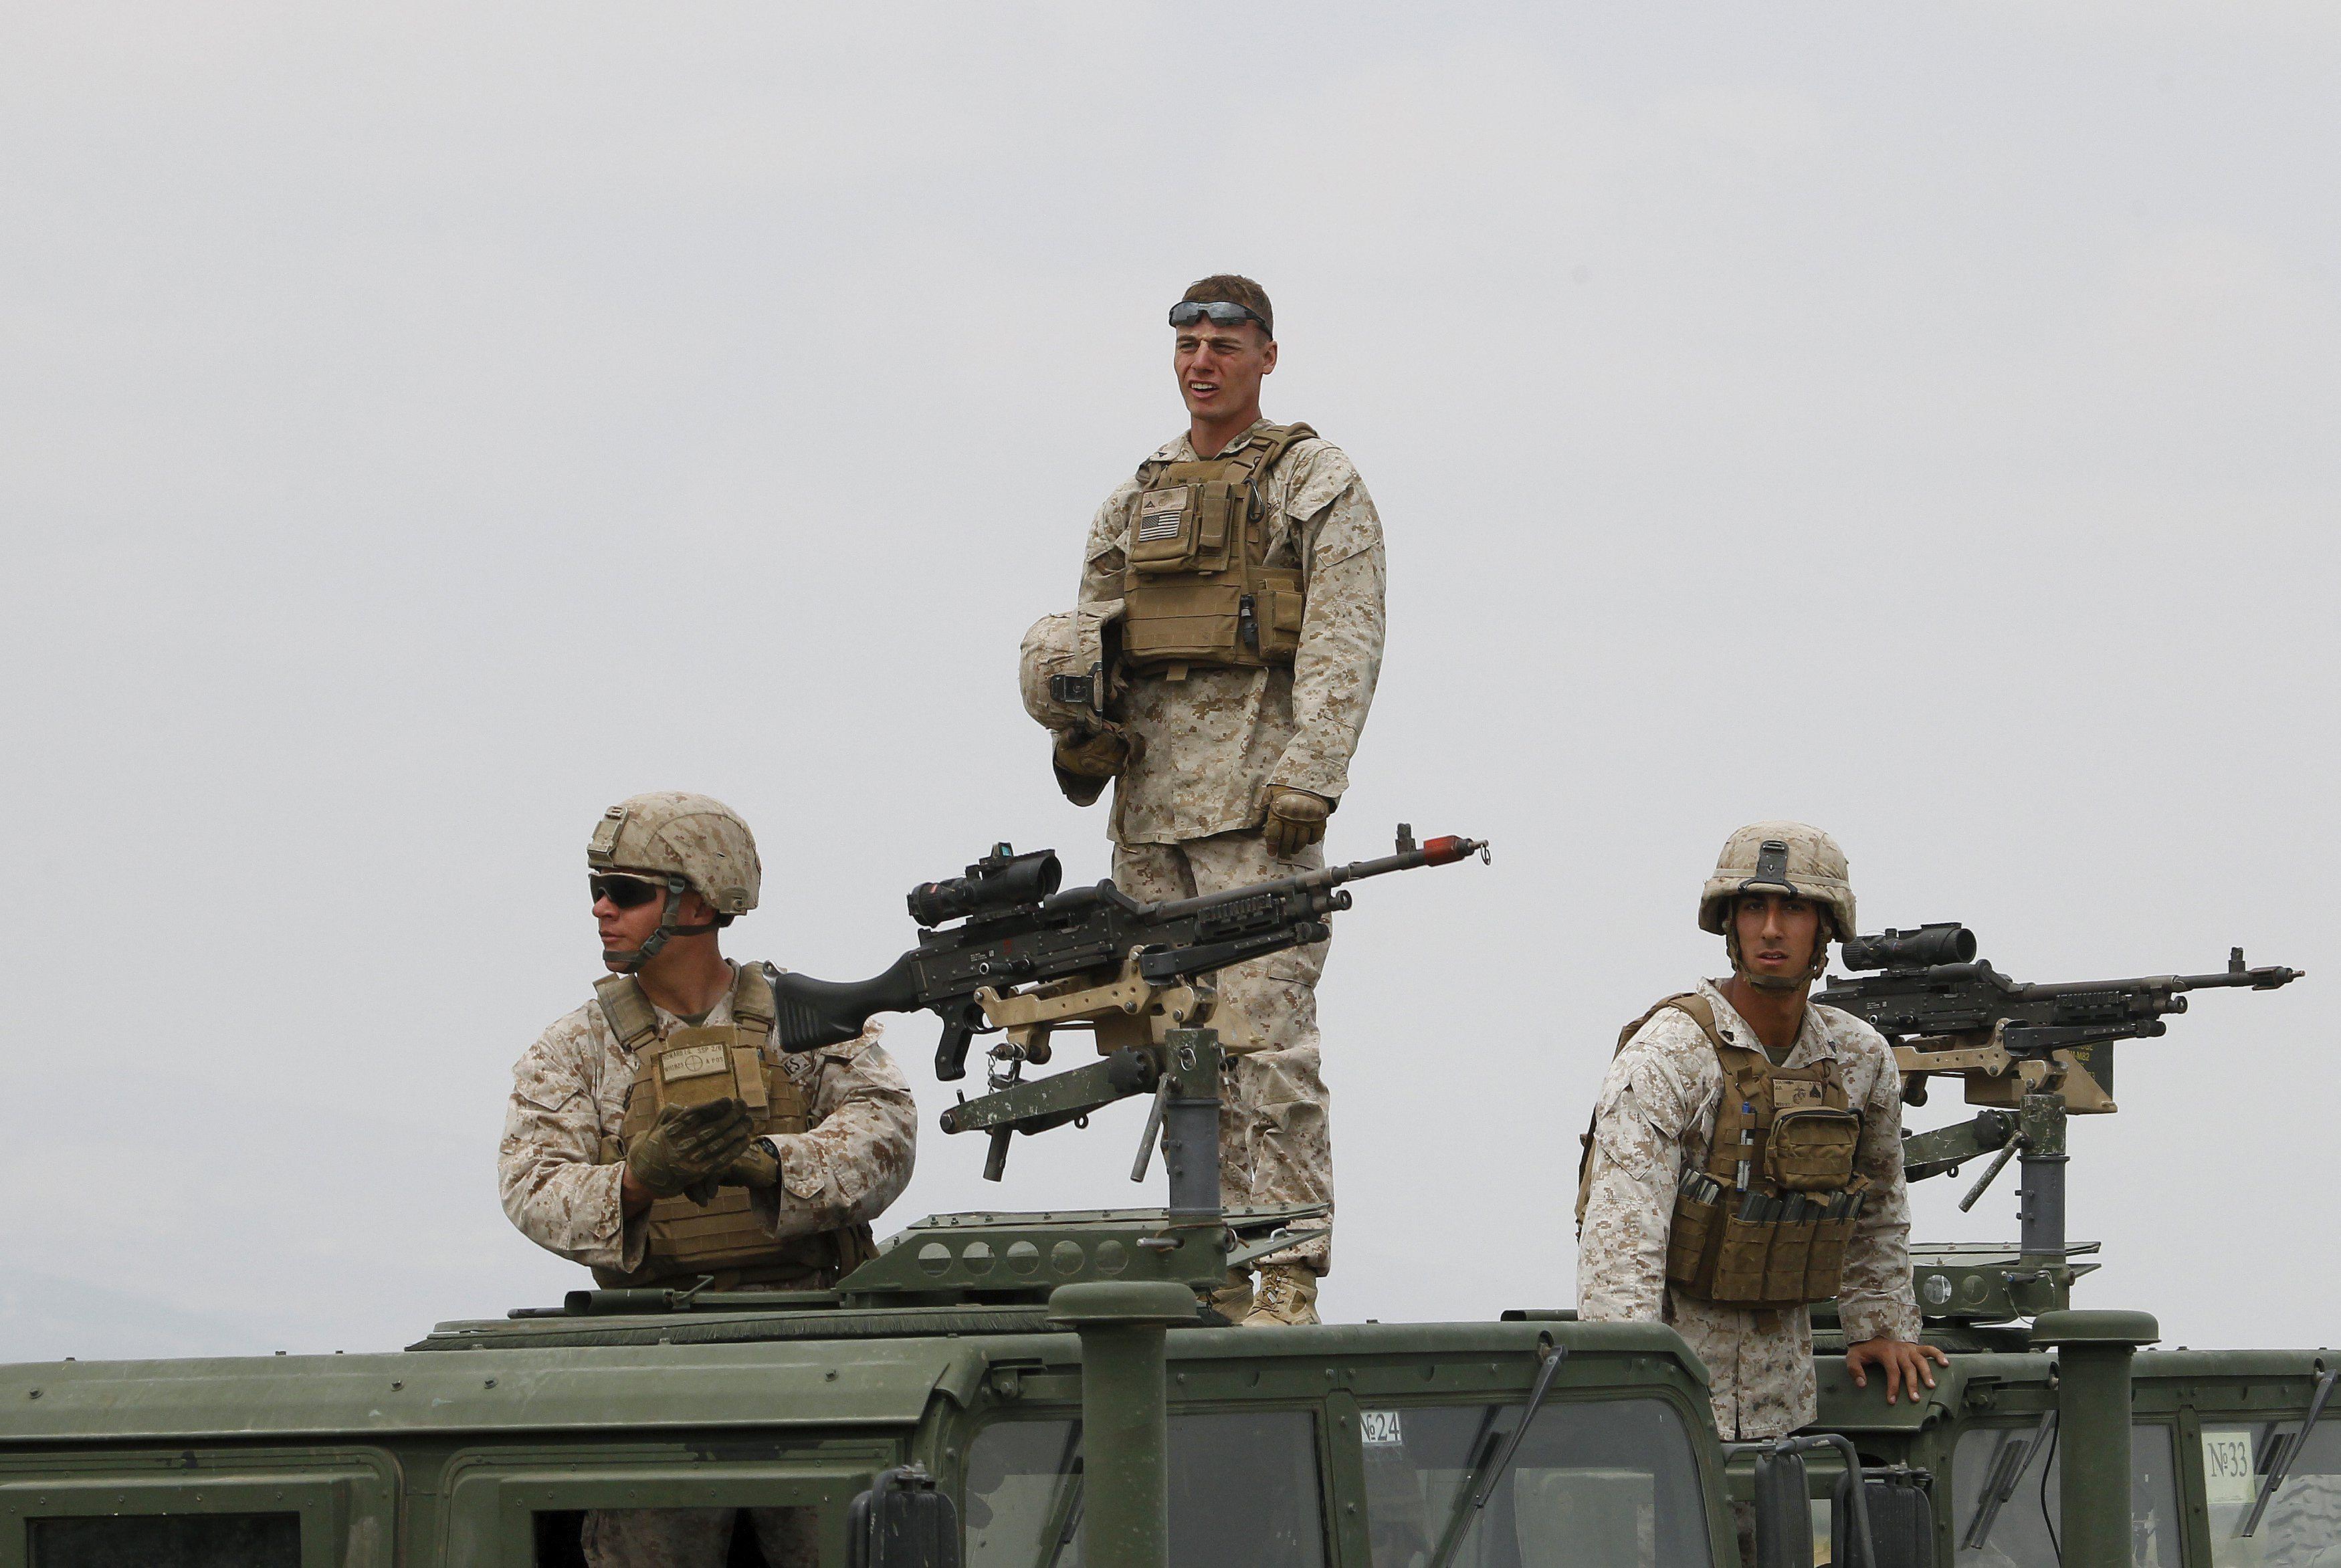 НАТО усилит присутствие на востоке и в регионе Черного моря